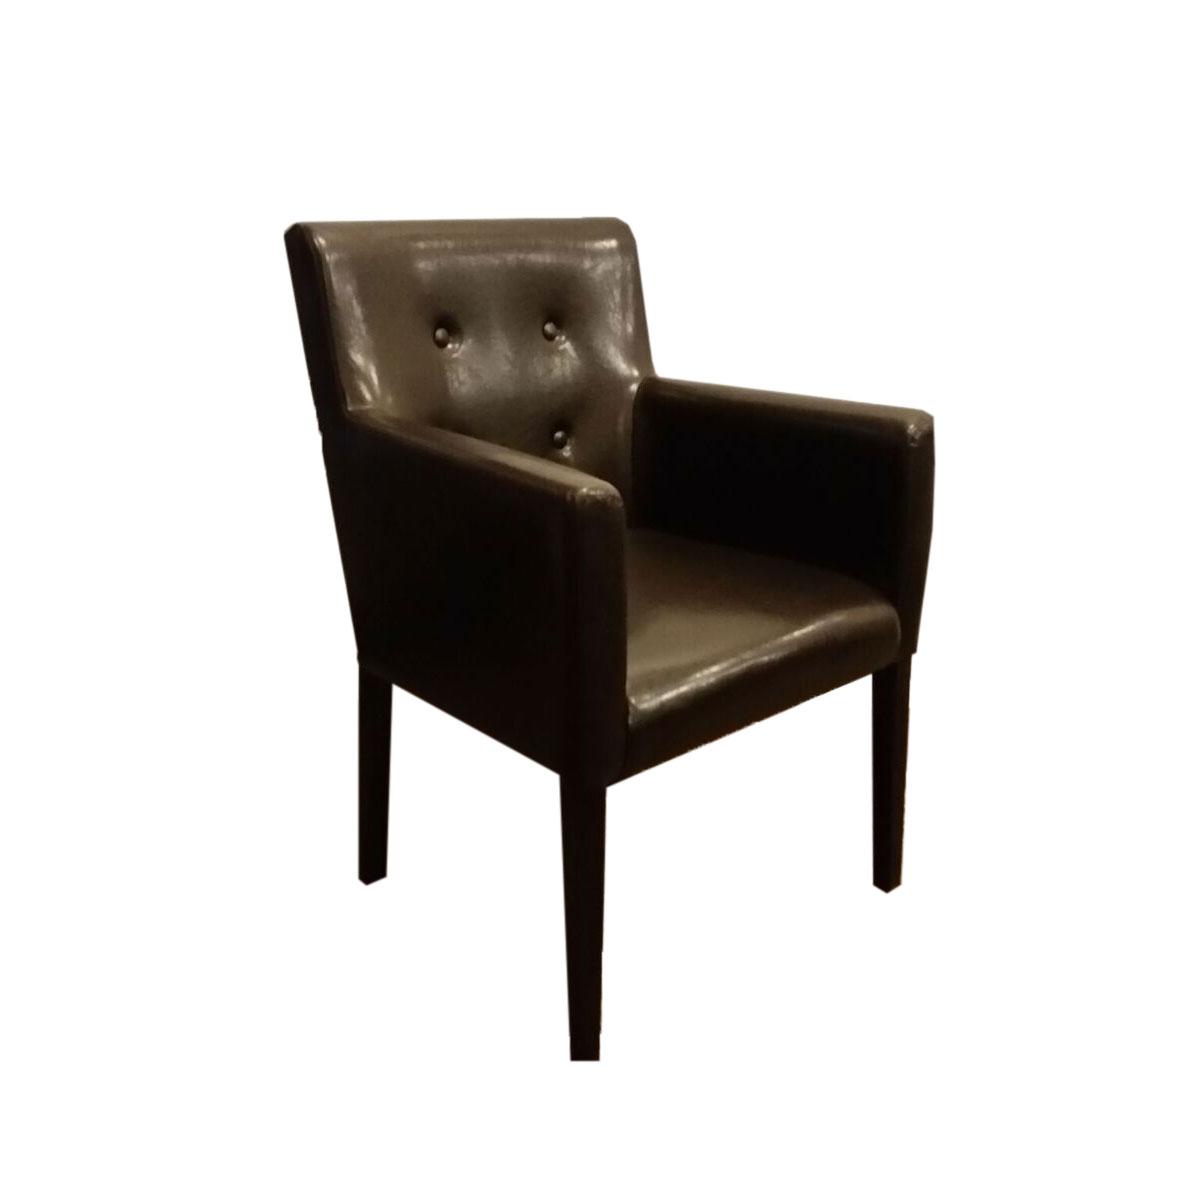 eleganter stuhl salon mit armlehne gastronomiem bel st hle kunstleder. Black Bedroom Furniture Sets. Home Design Ideas